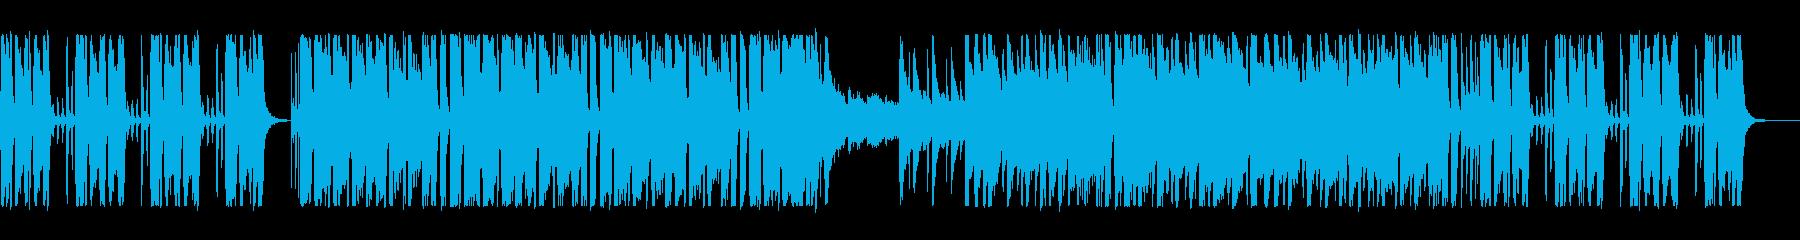 賑やかなシンセと拍手の音が軽快なポップスの再生済みの波形